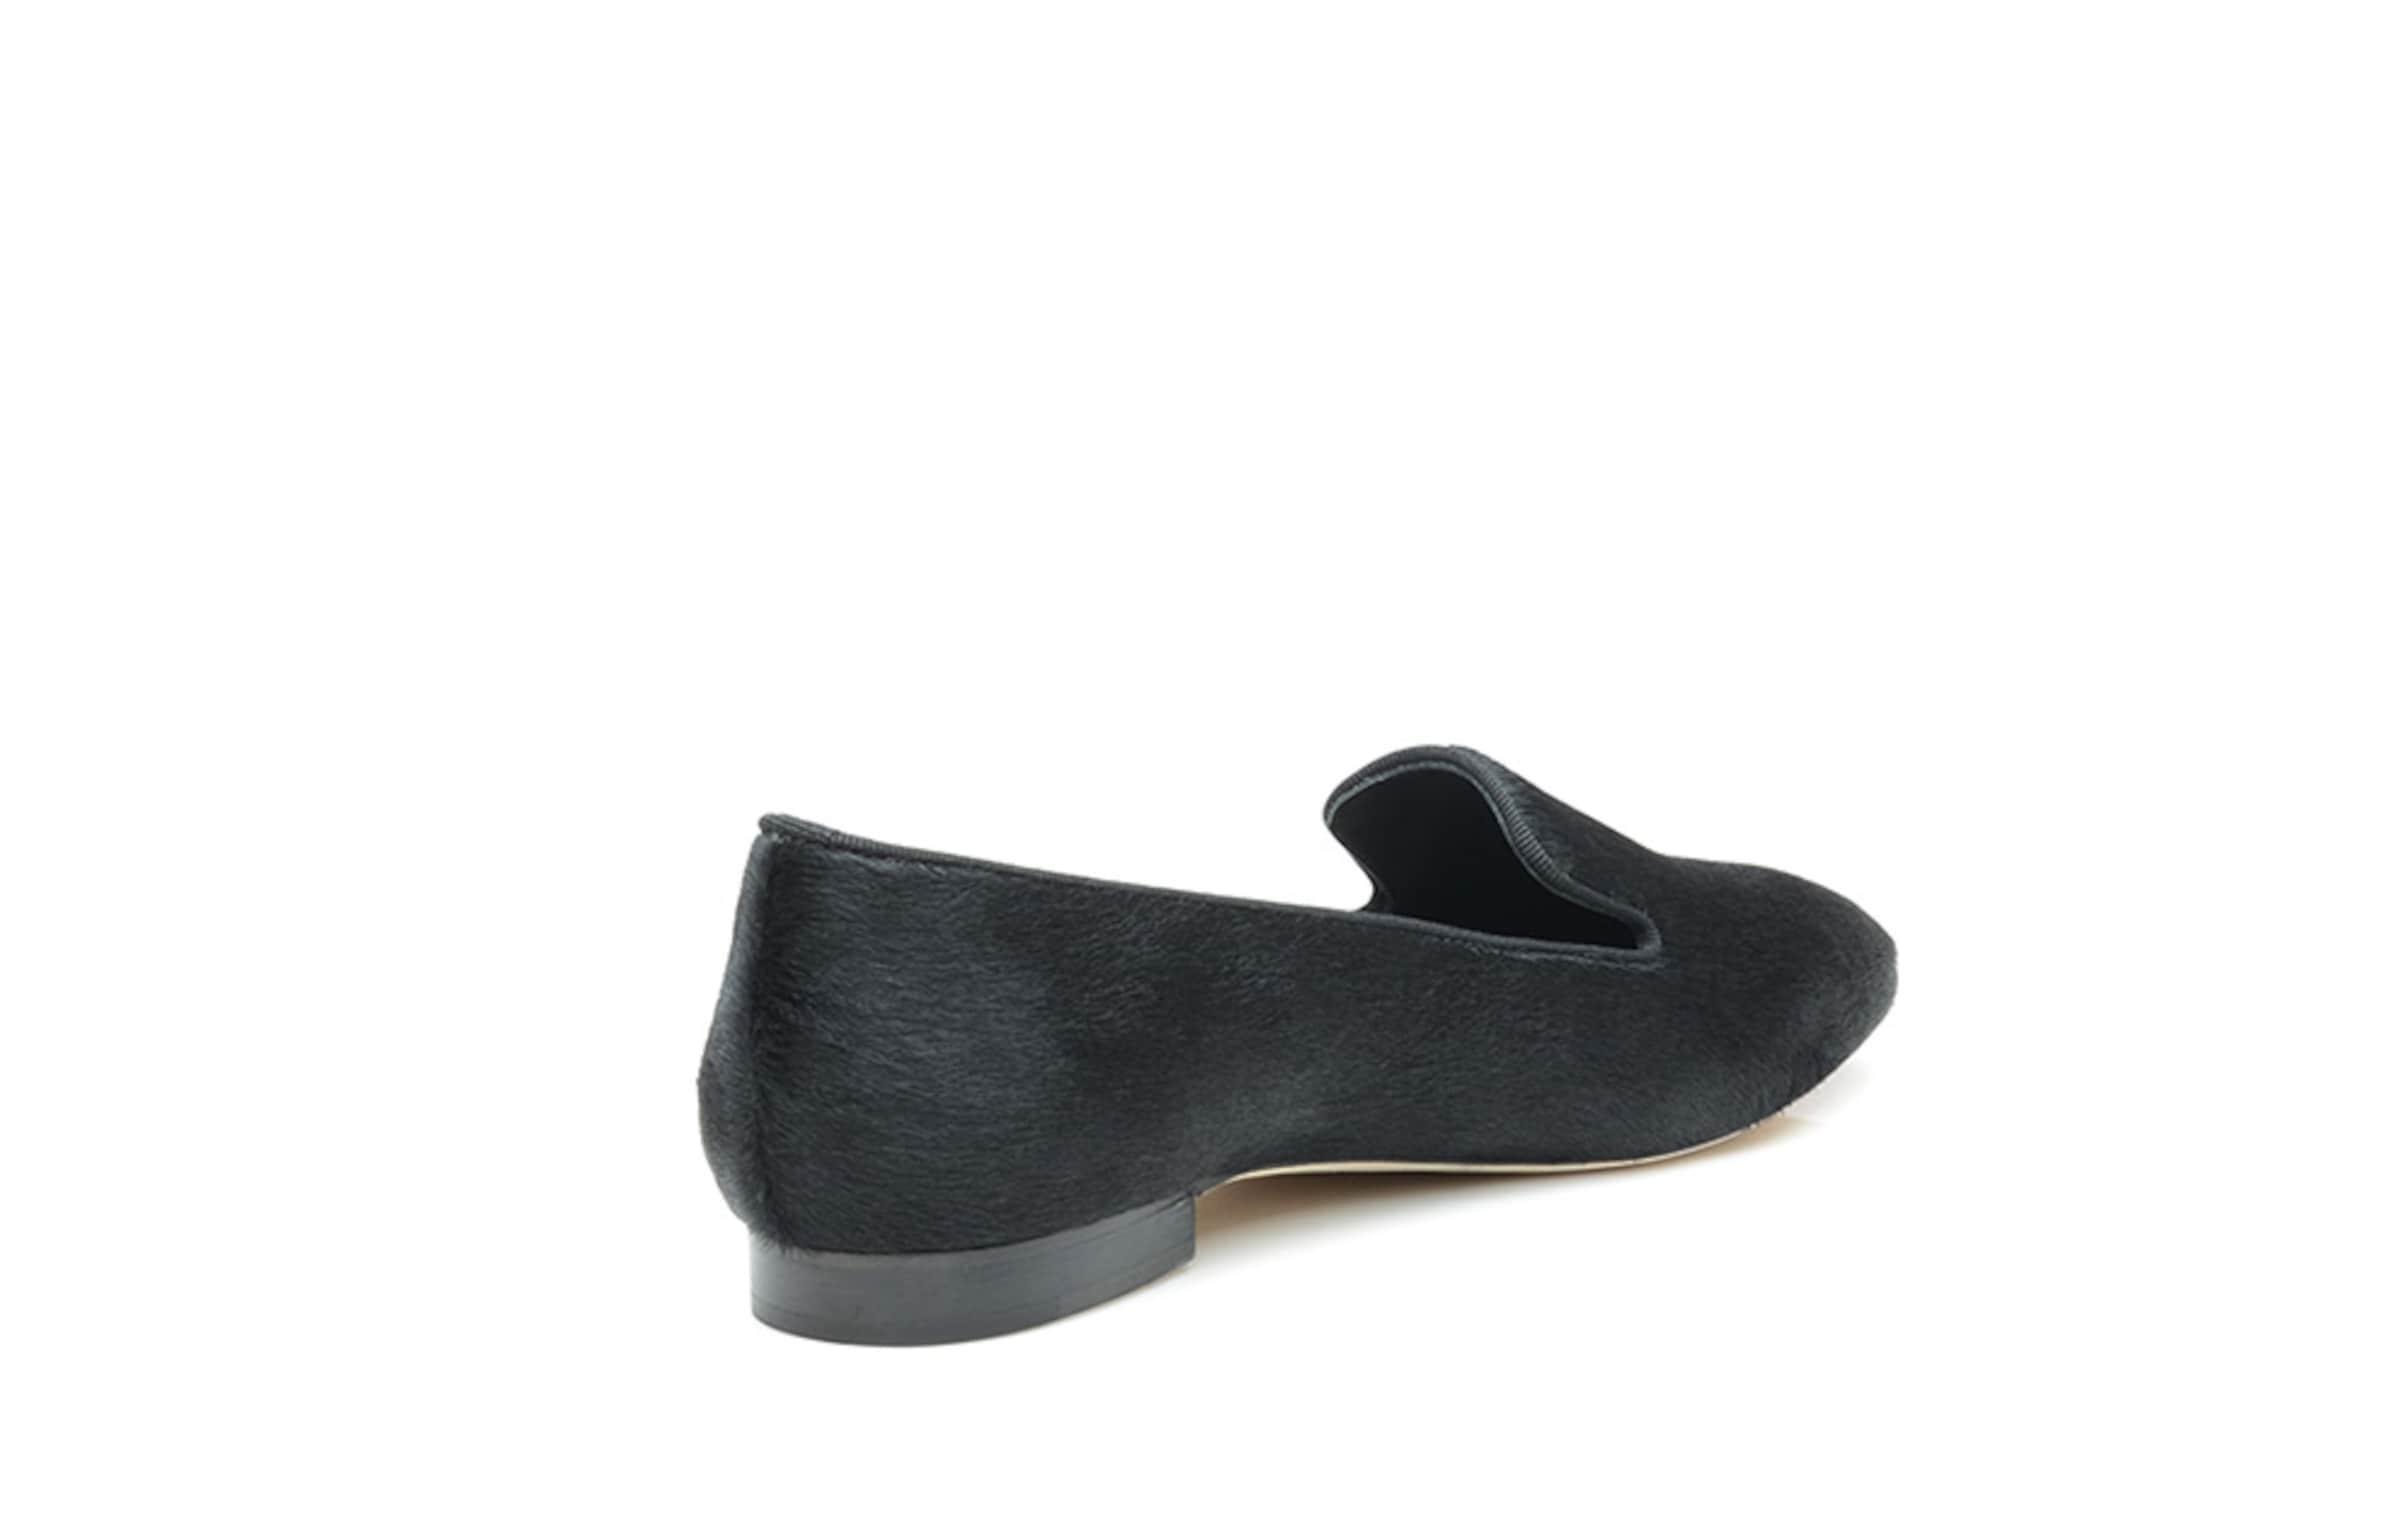 Freies Verschiffen Sast SHOEPASSION Loafer 'No. 80 WL' Billig Verkauf Nicekicks Billig Verkaufen Pick Eine Beste p8IrmbR